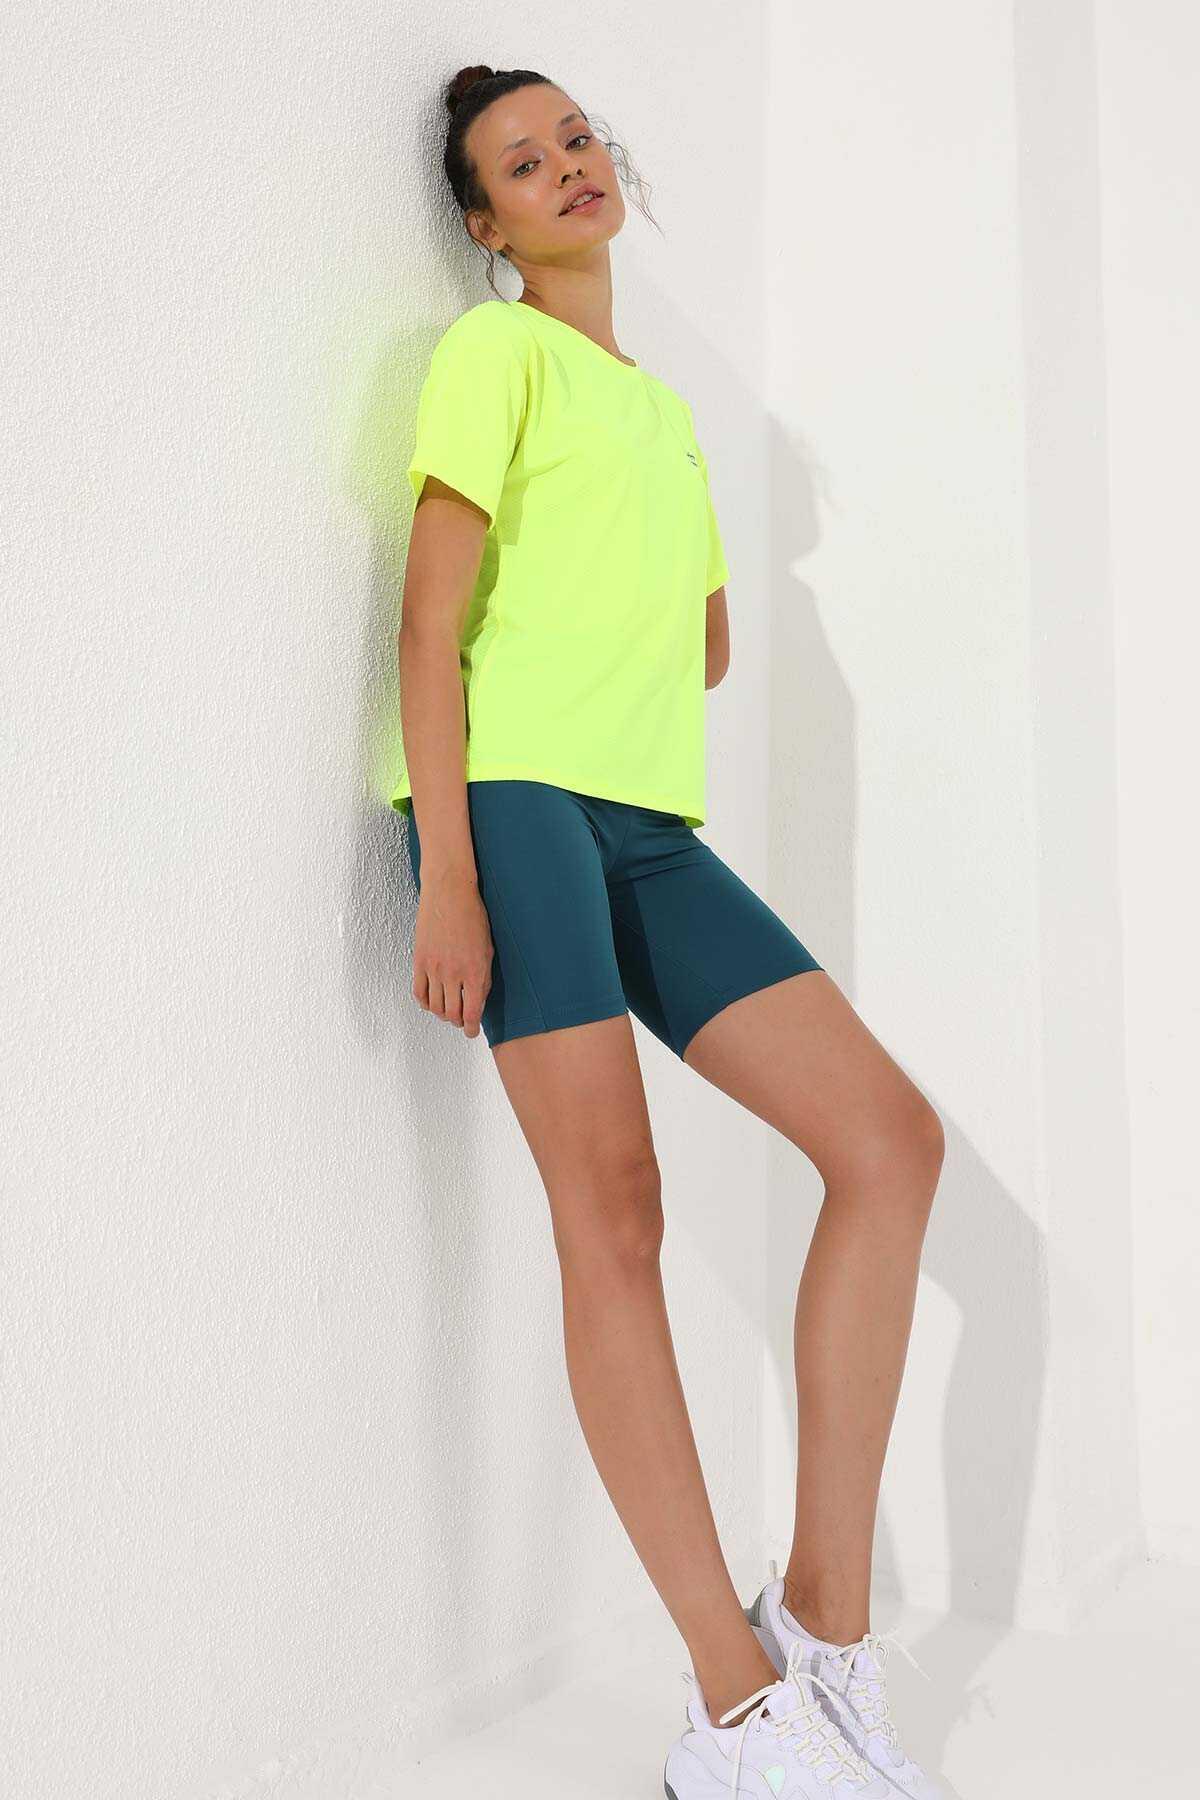 Tommy Life Toptan Neon Sarı Kadın Arkası Uzun Kısa Kol Standart Kalıp O Yaka T-Shirt - 97152